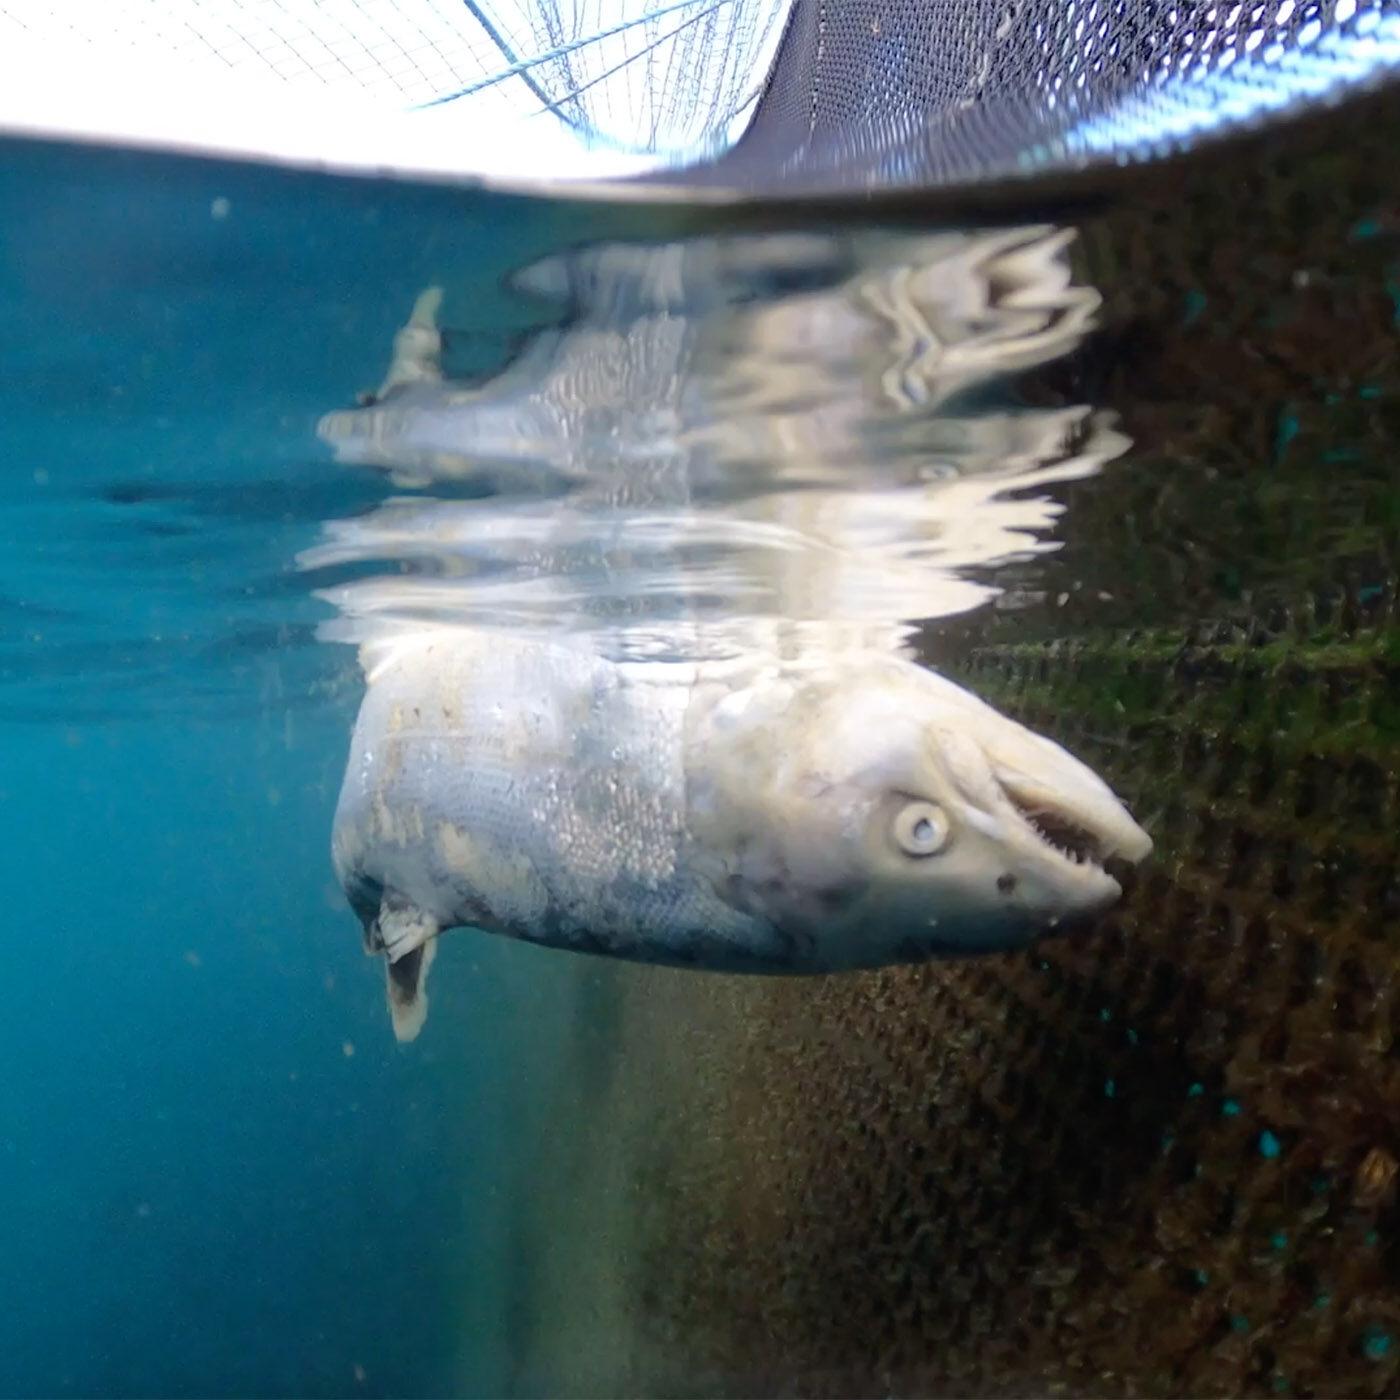 Salmoni allevamenti intensivi scozia